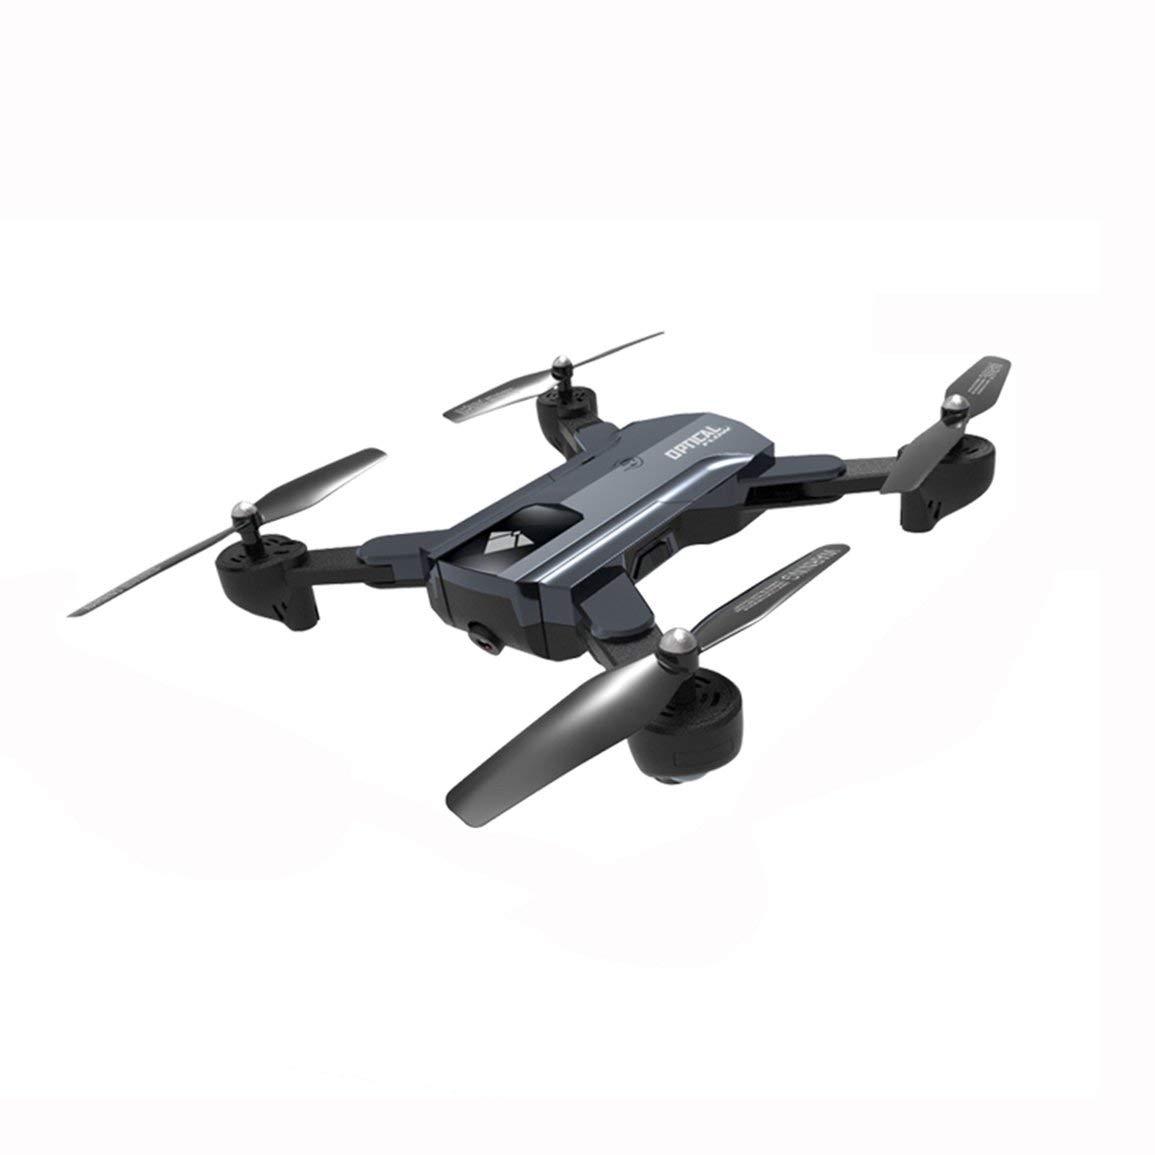 Fantasyworld Flujo óptico F196 localización Plegable Quadcopter Wi-Fi RC Aviones no tripulados con 2,0 MP Cámara HD 2200 mAh de la batería Modo sin Cabeza Aeronaves